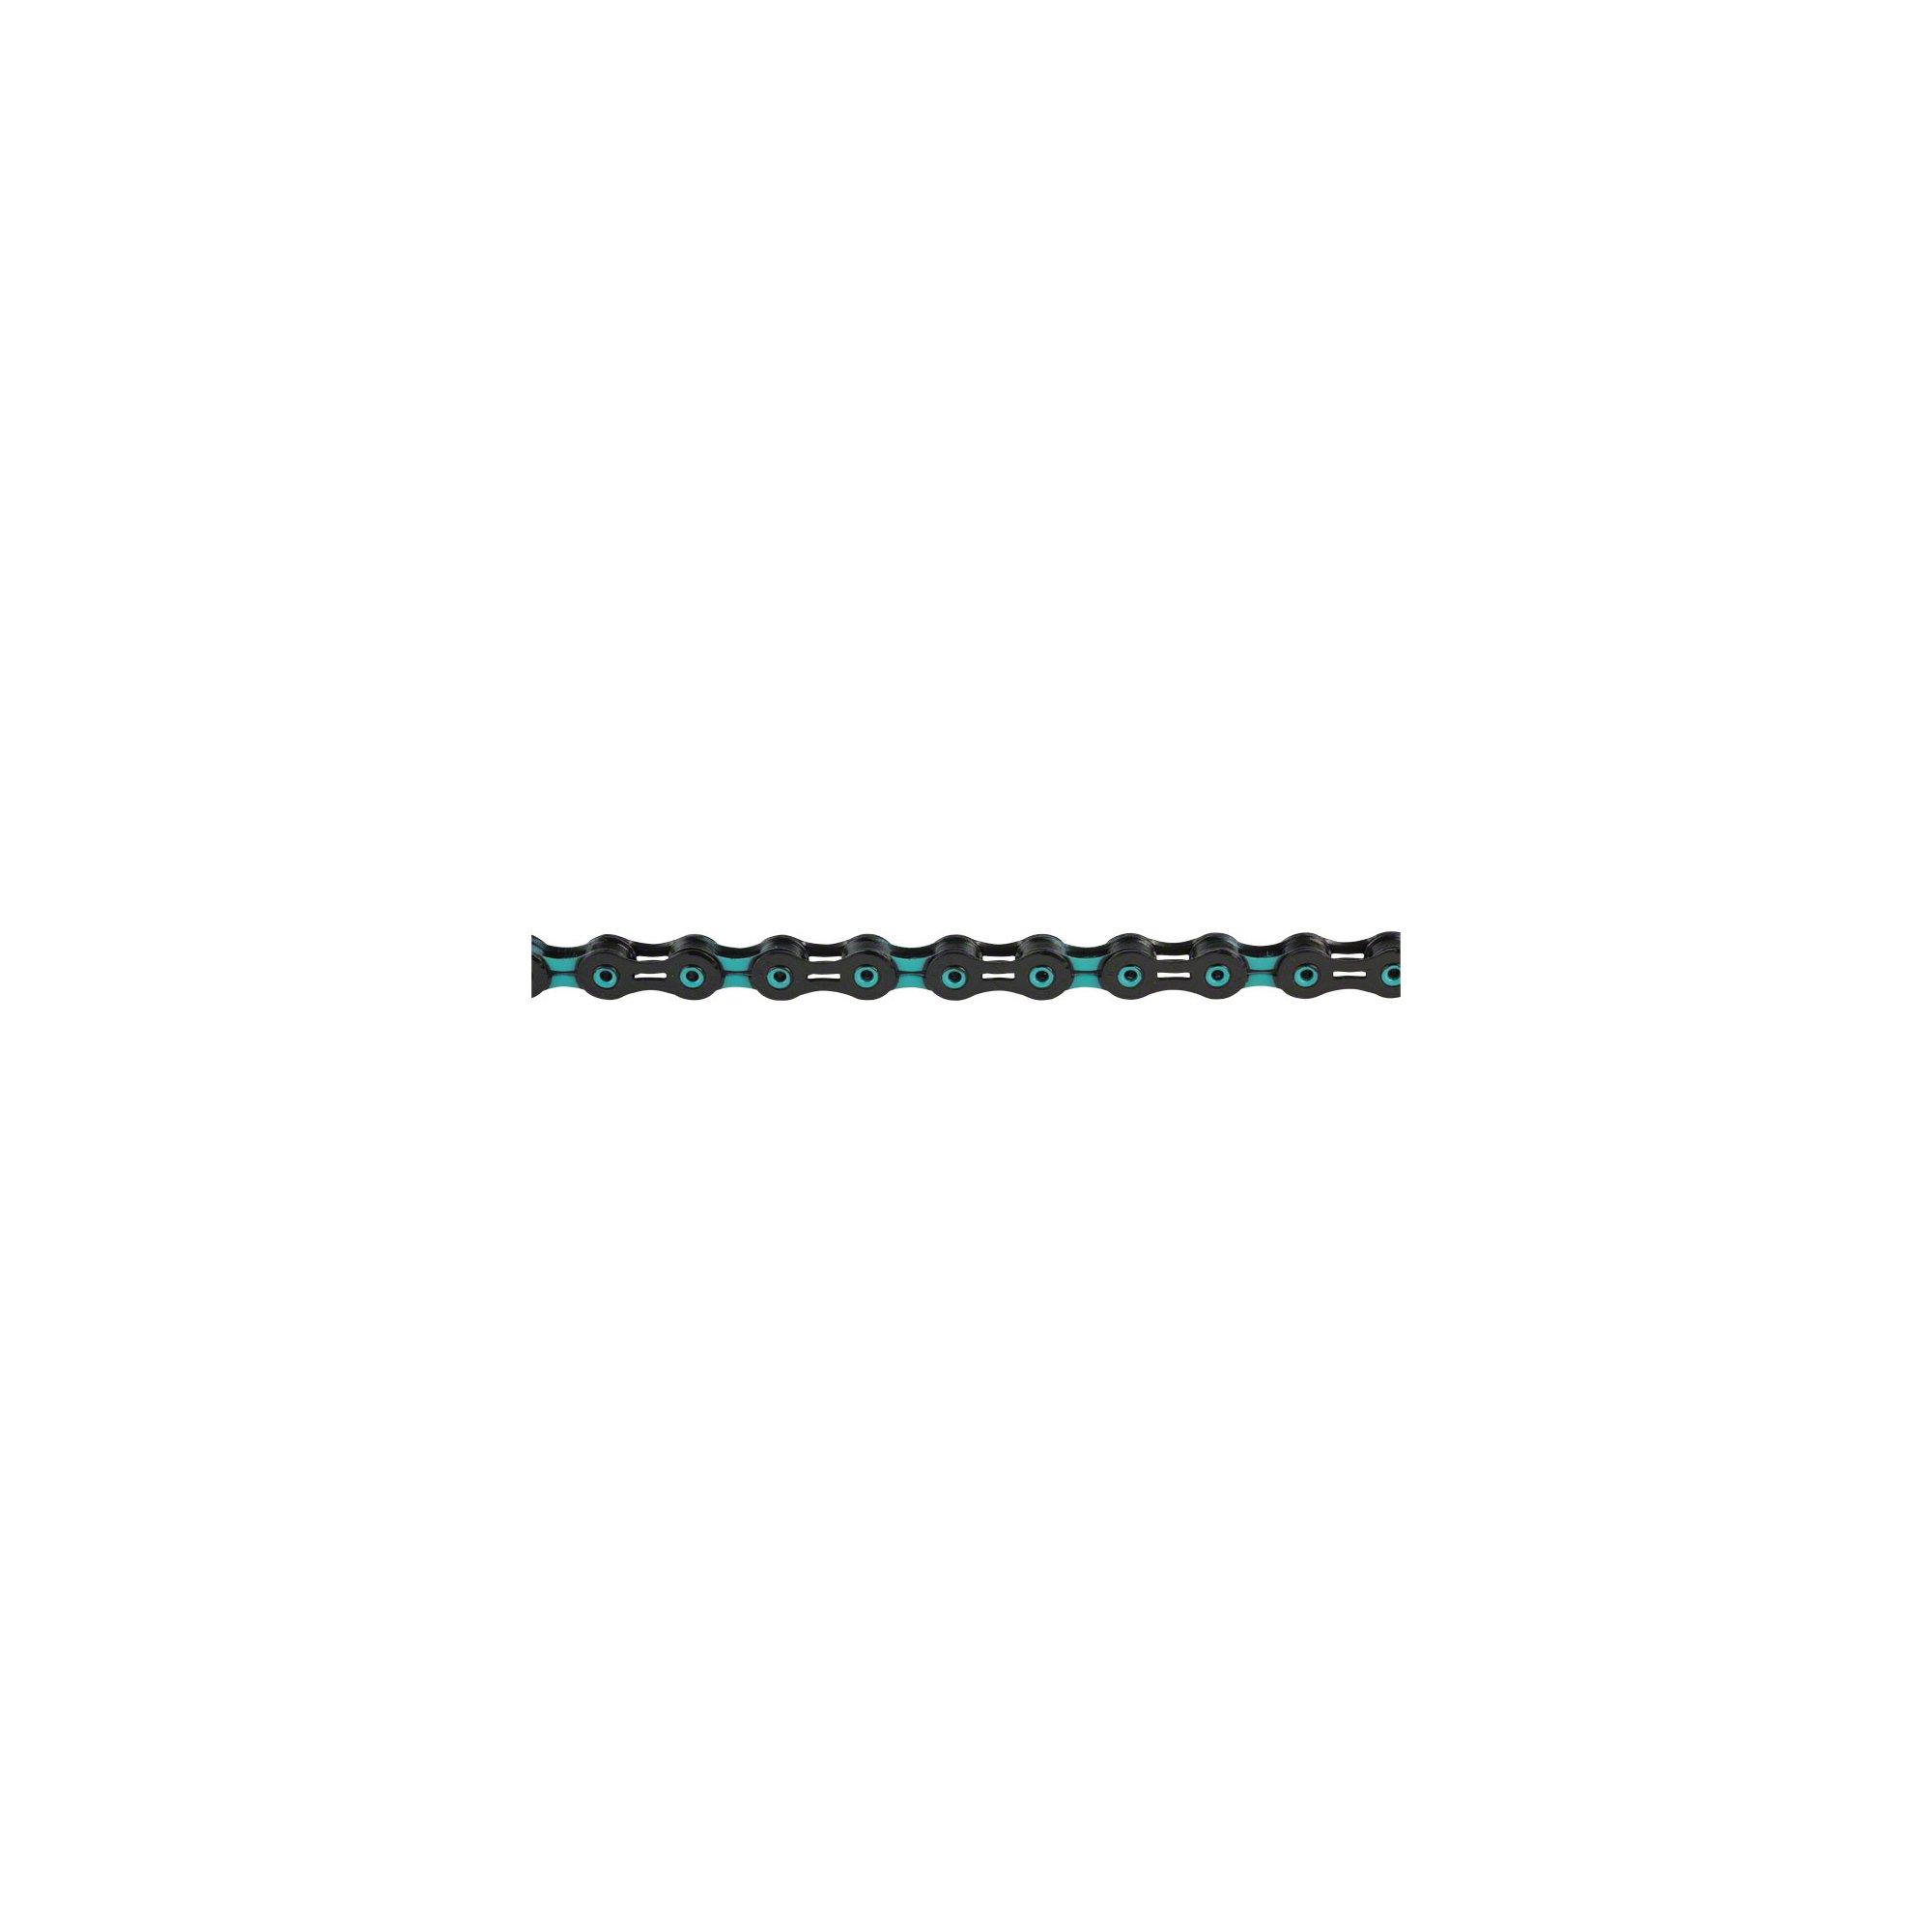 KMC X11SL DLC/CELEST-116L by KMC (Image #1)